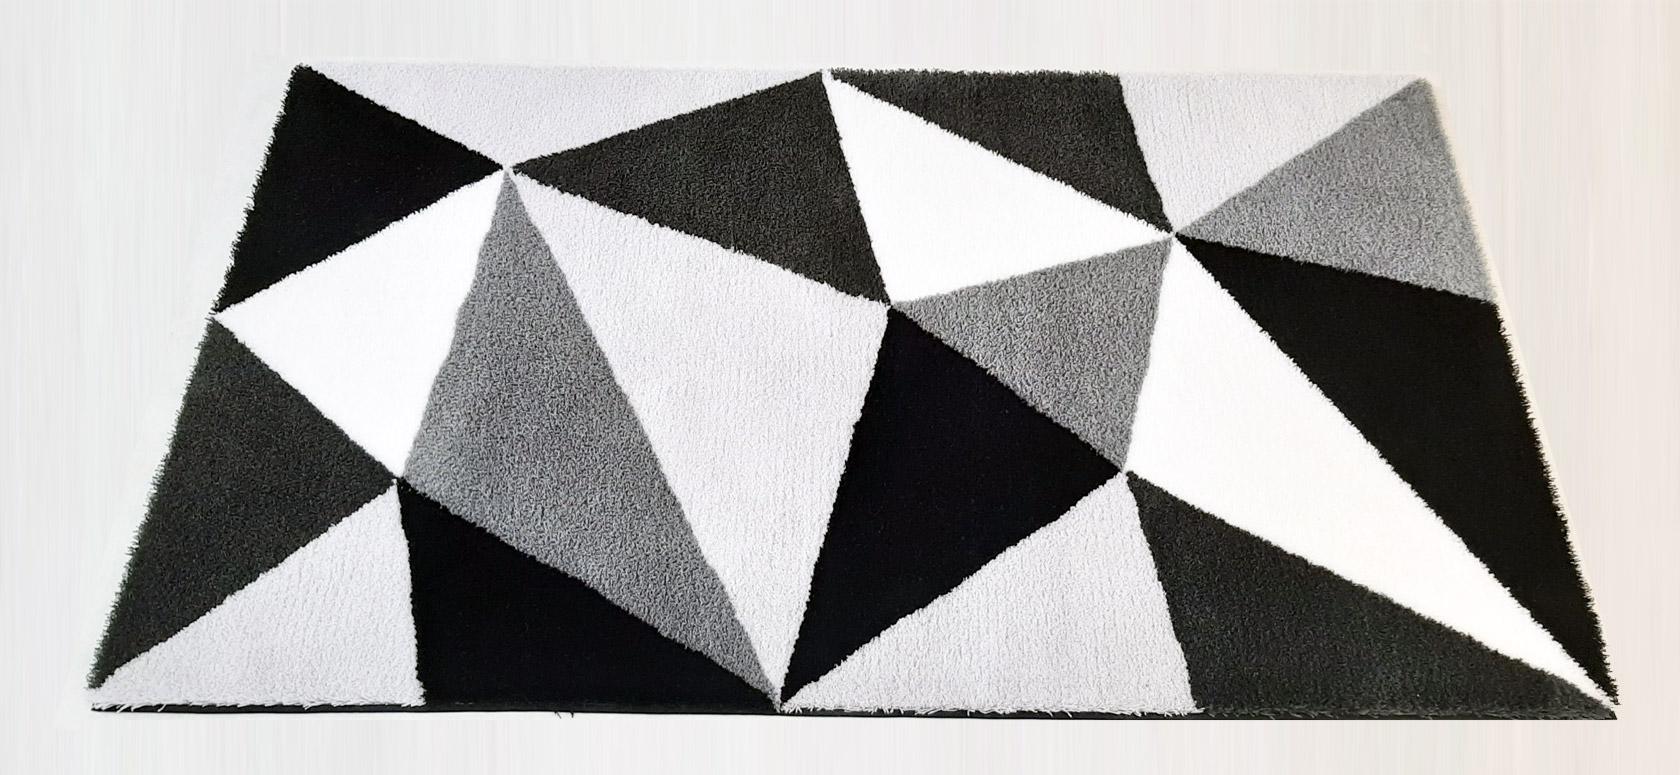 Badteppich nach eigener Zeichnung